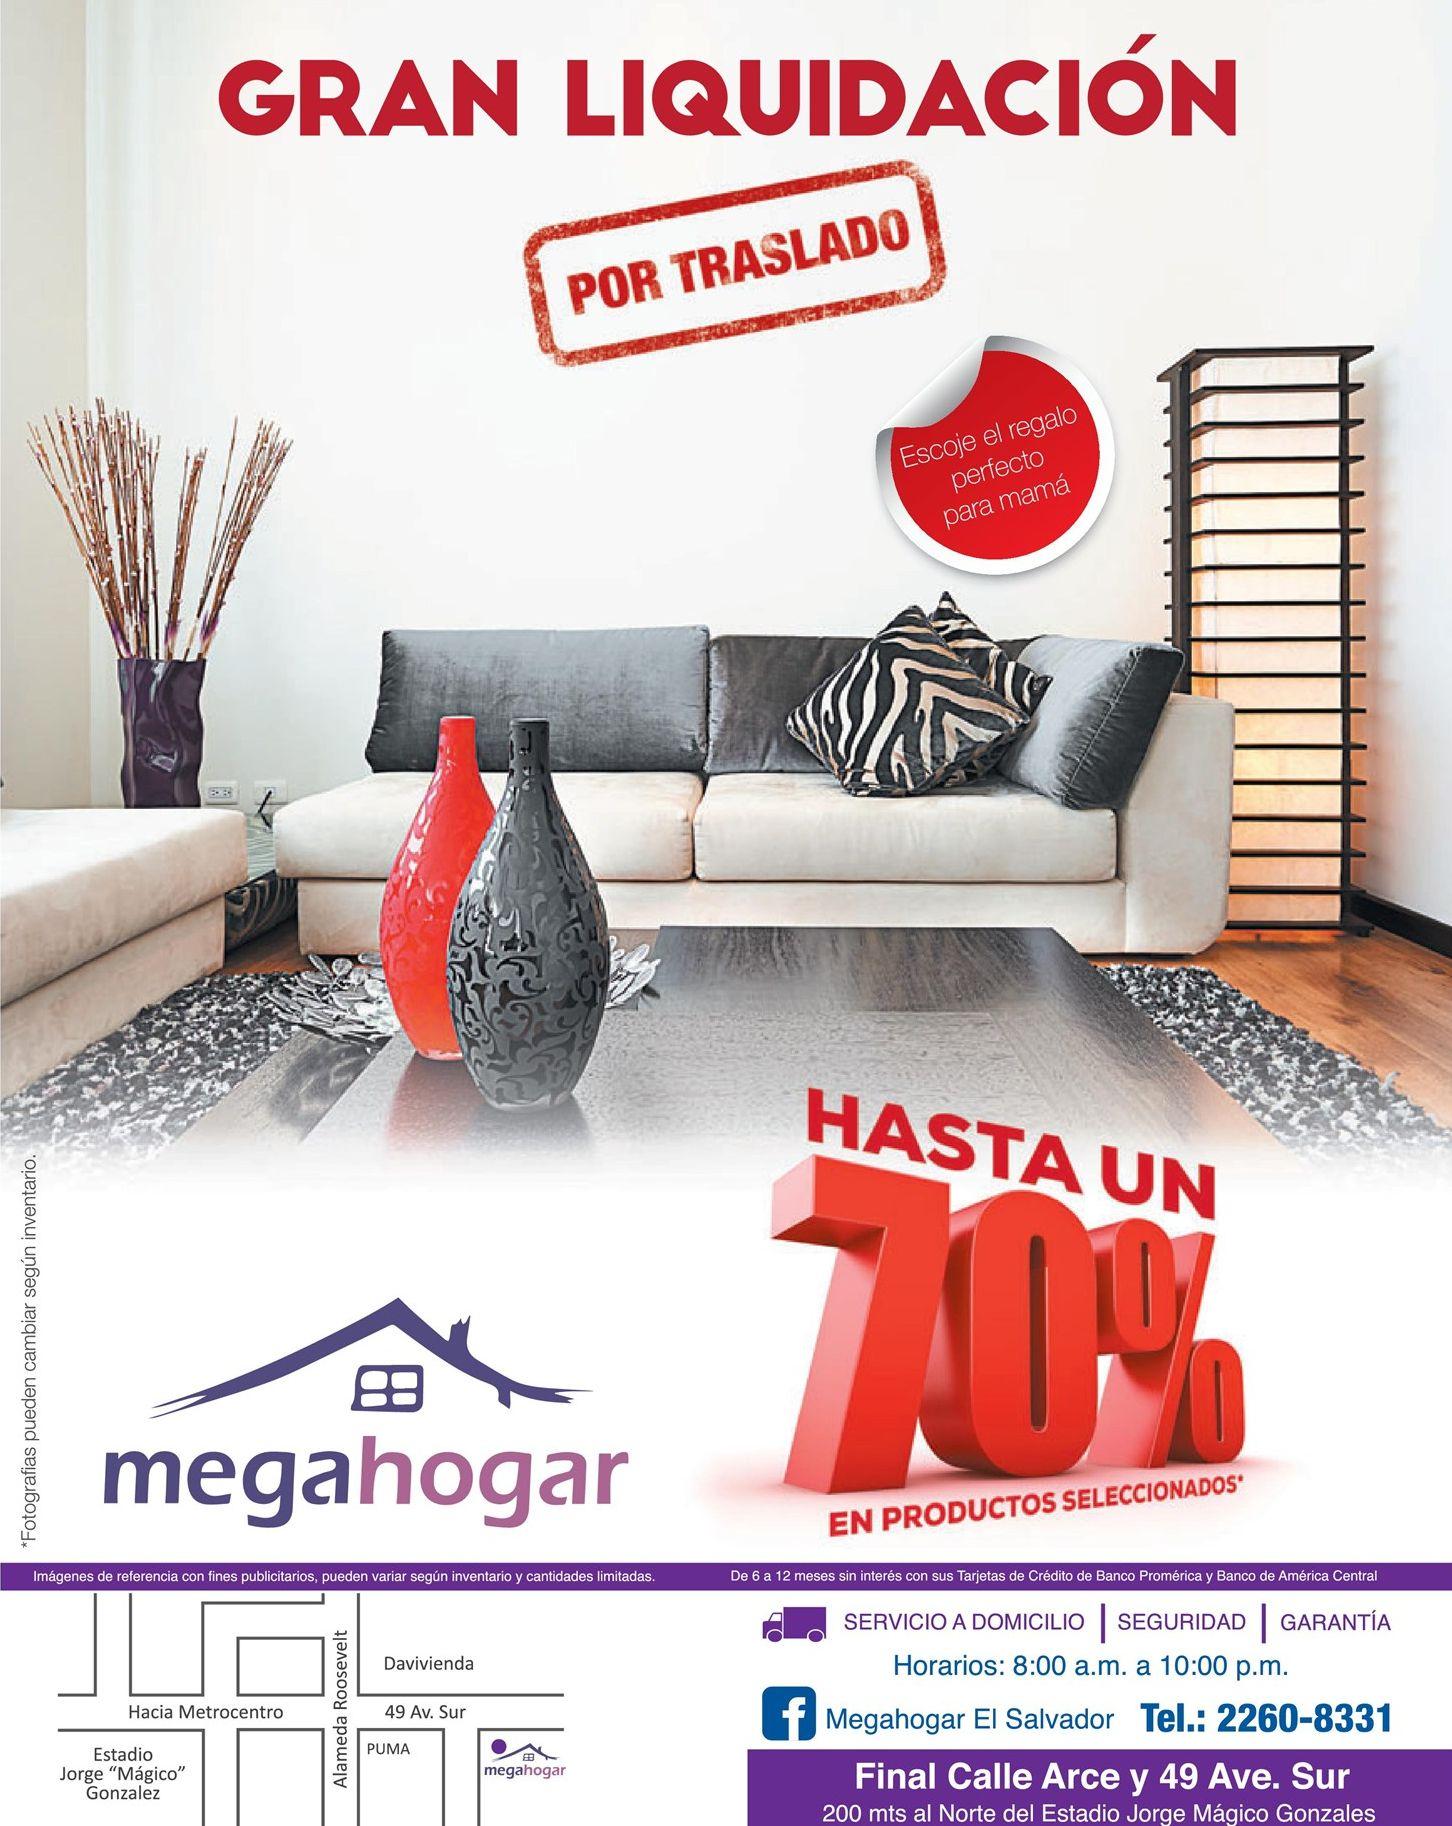 Furniture deals hasta 70 off en megahogar el salvador for Furniture 70 off